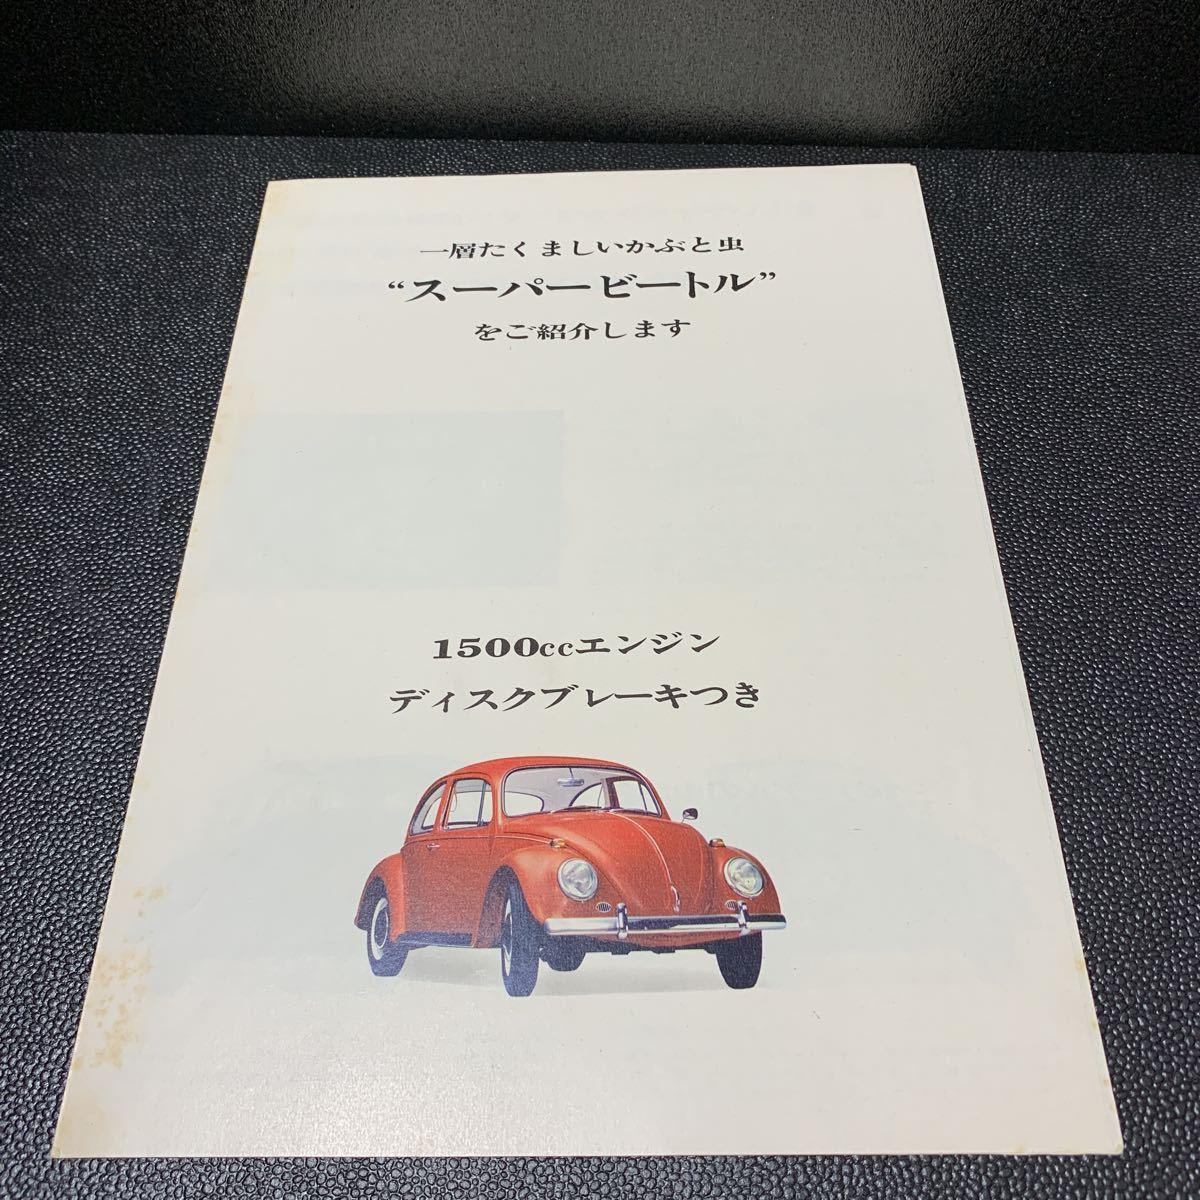 VW フォルクスワーゲン 空冷 ビートル タイプ1 柳瀬 ヤナセ 当時物 リーフレットカタログ